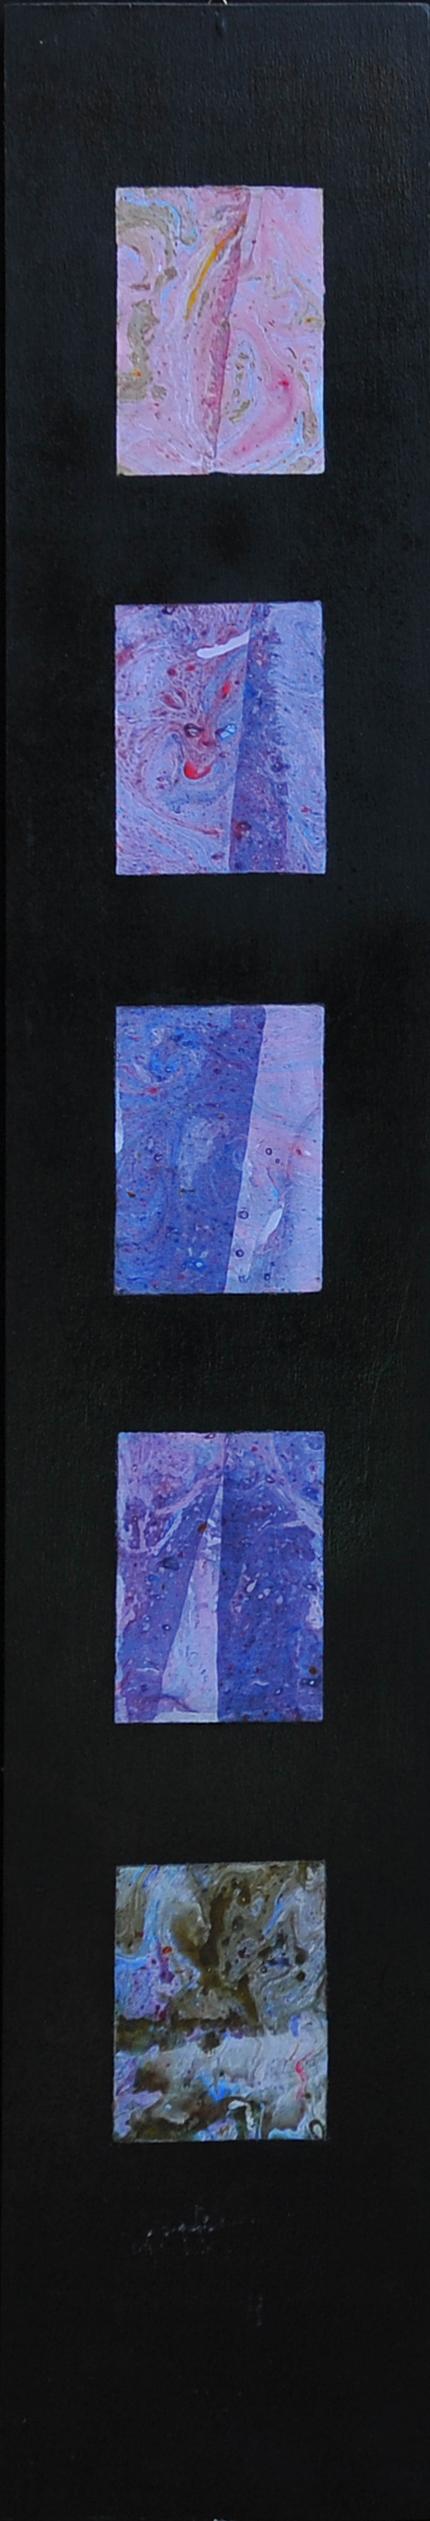 Pronto. A chi parlo. Riallacciare. 2001 Tecnica: olio su carta, cm.120x20